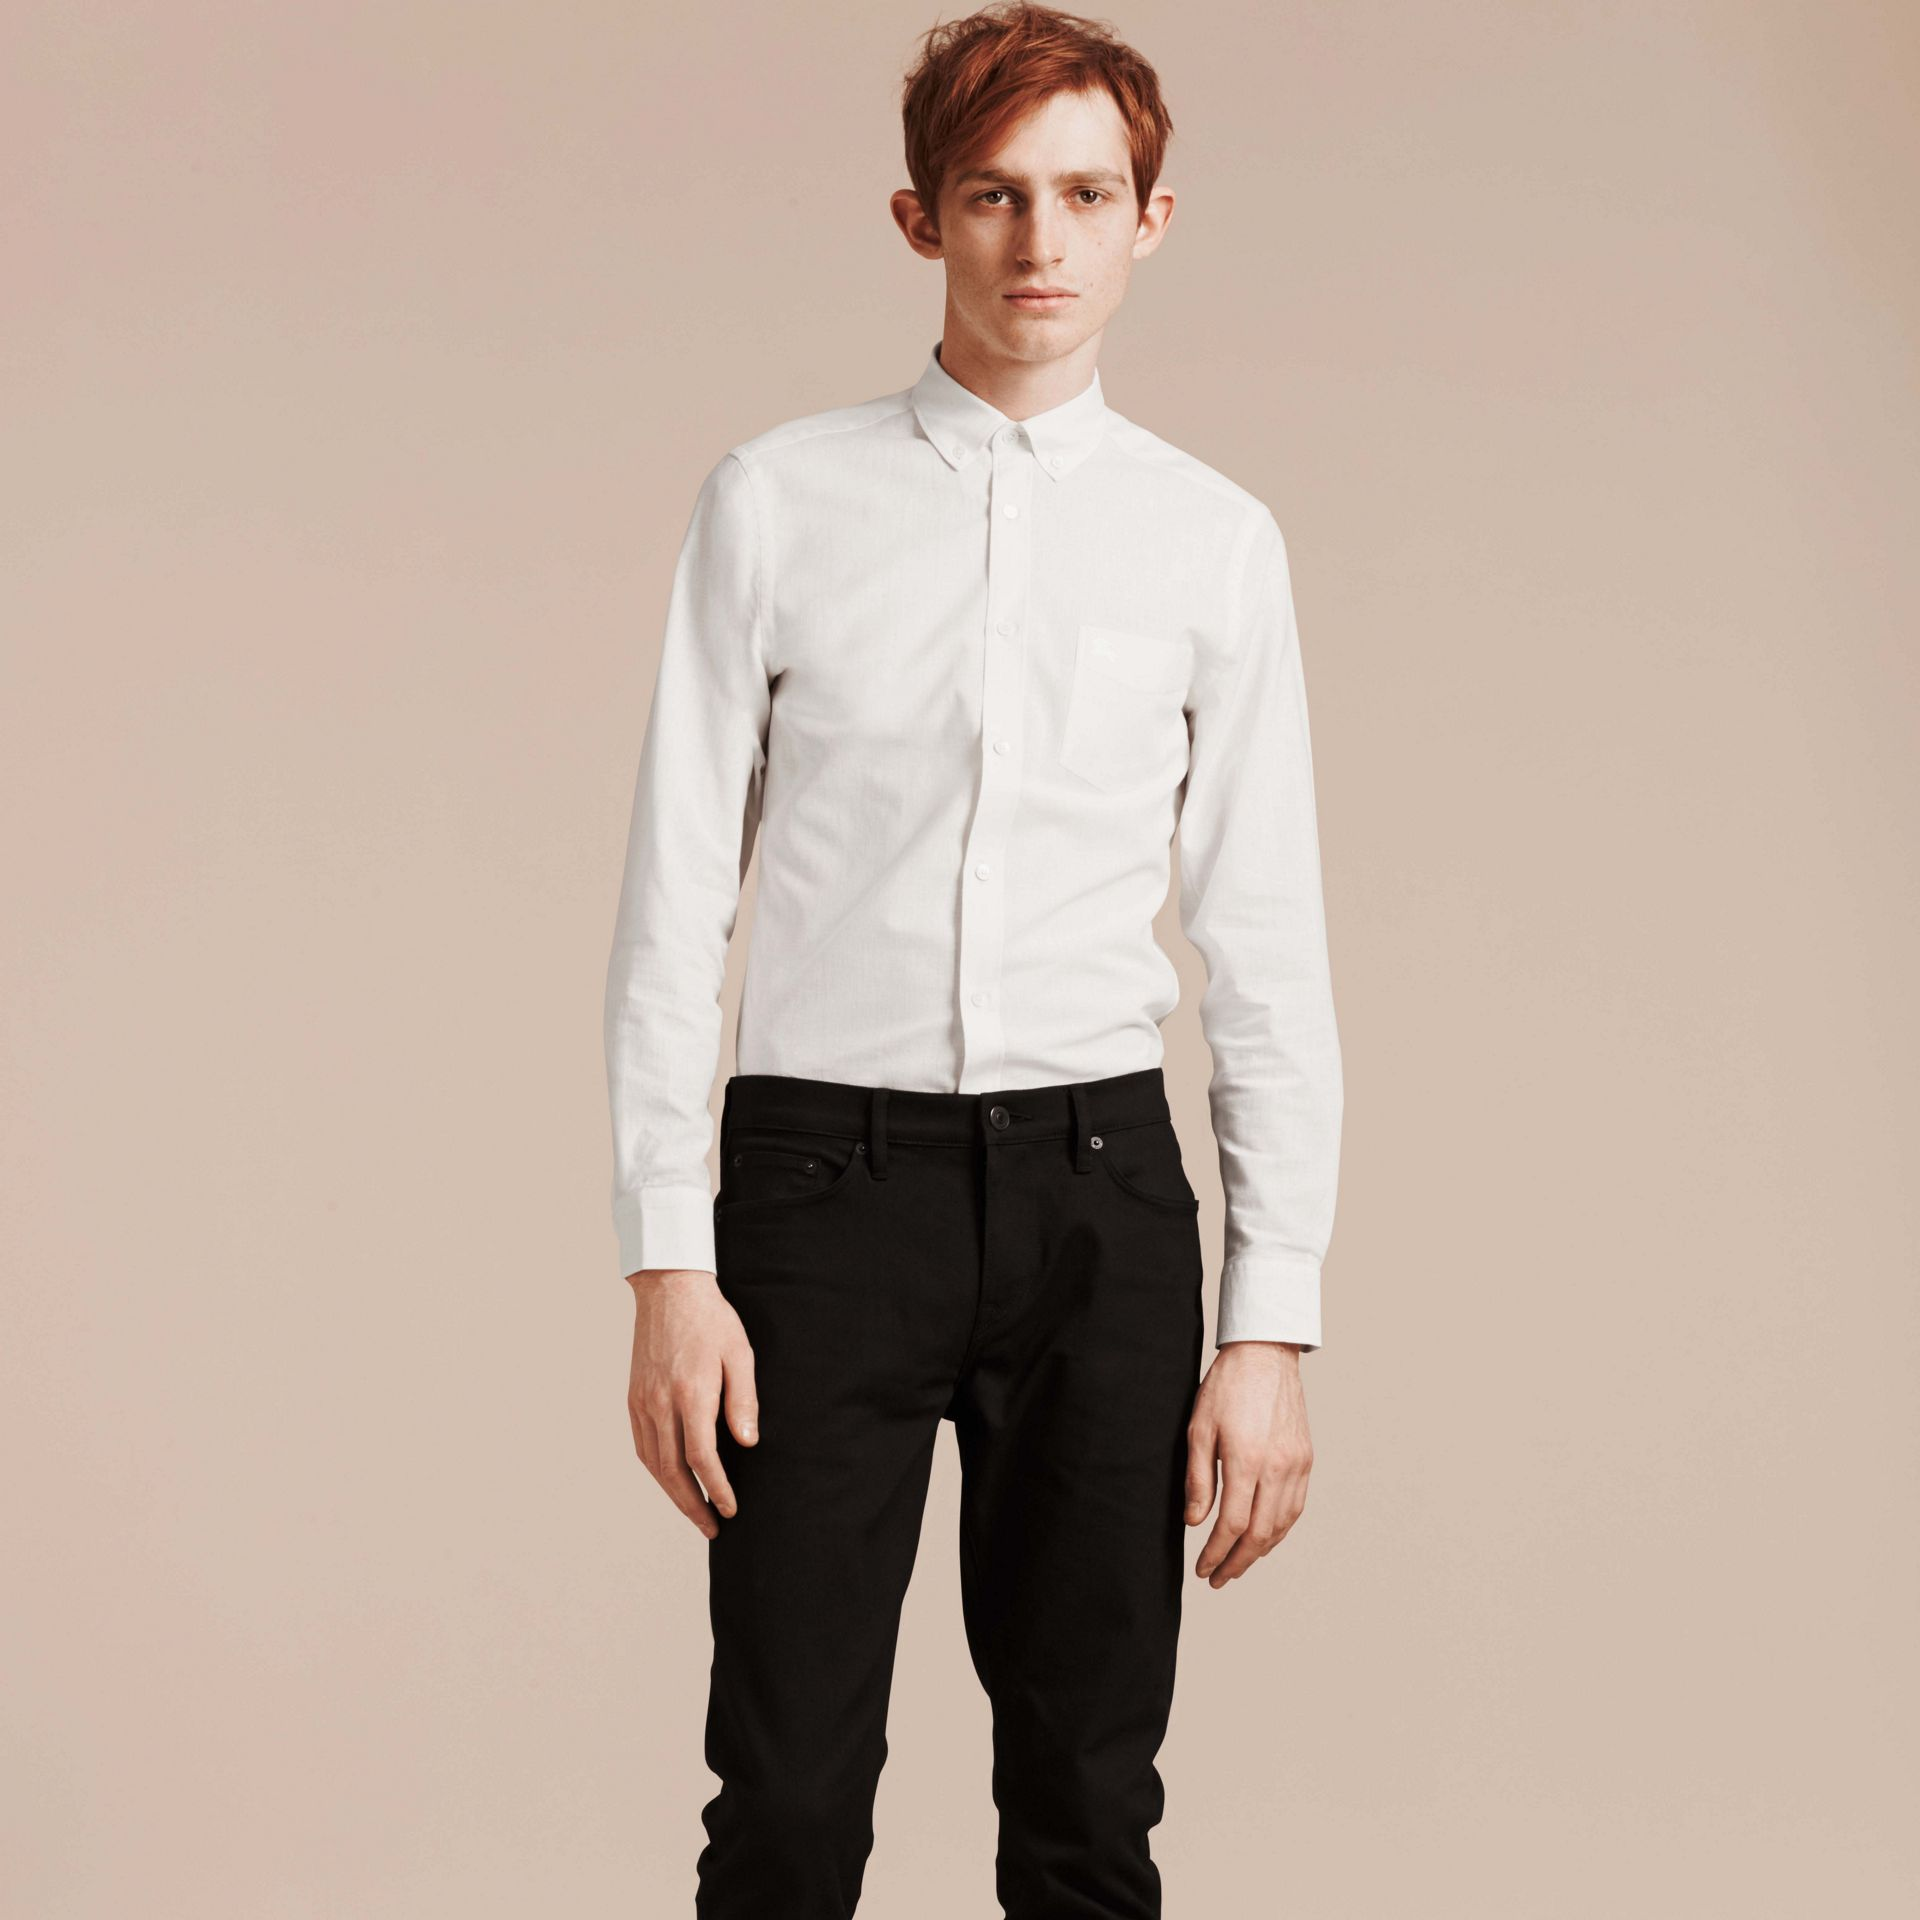 Bianco Camicia in cotone e lino con colletto button-down Bianco - immagine della galleria 5